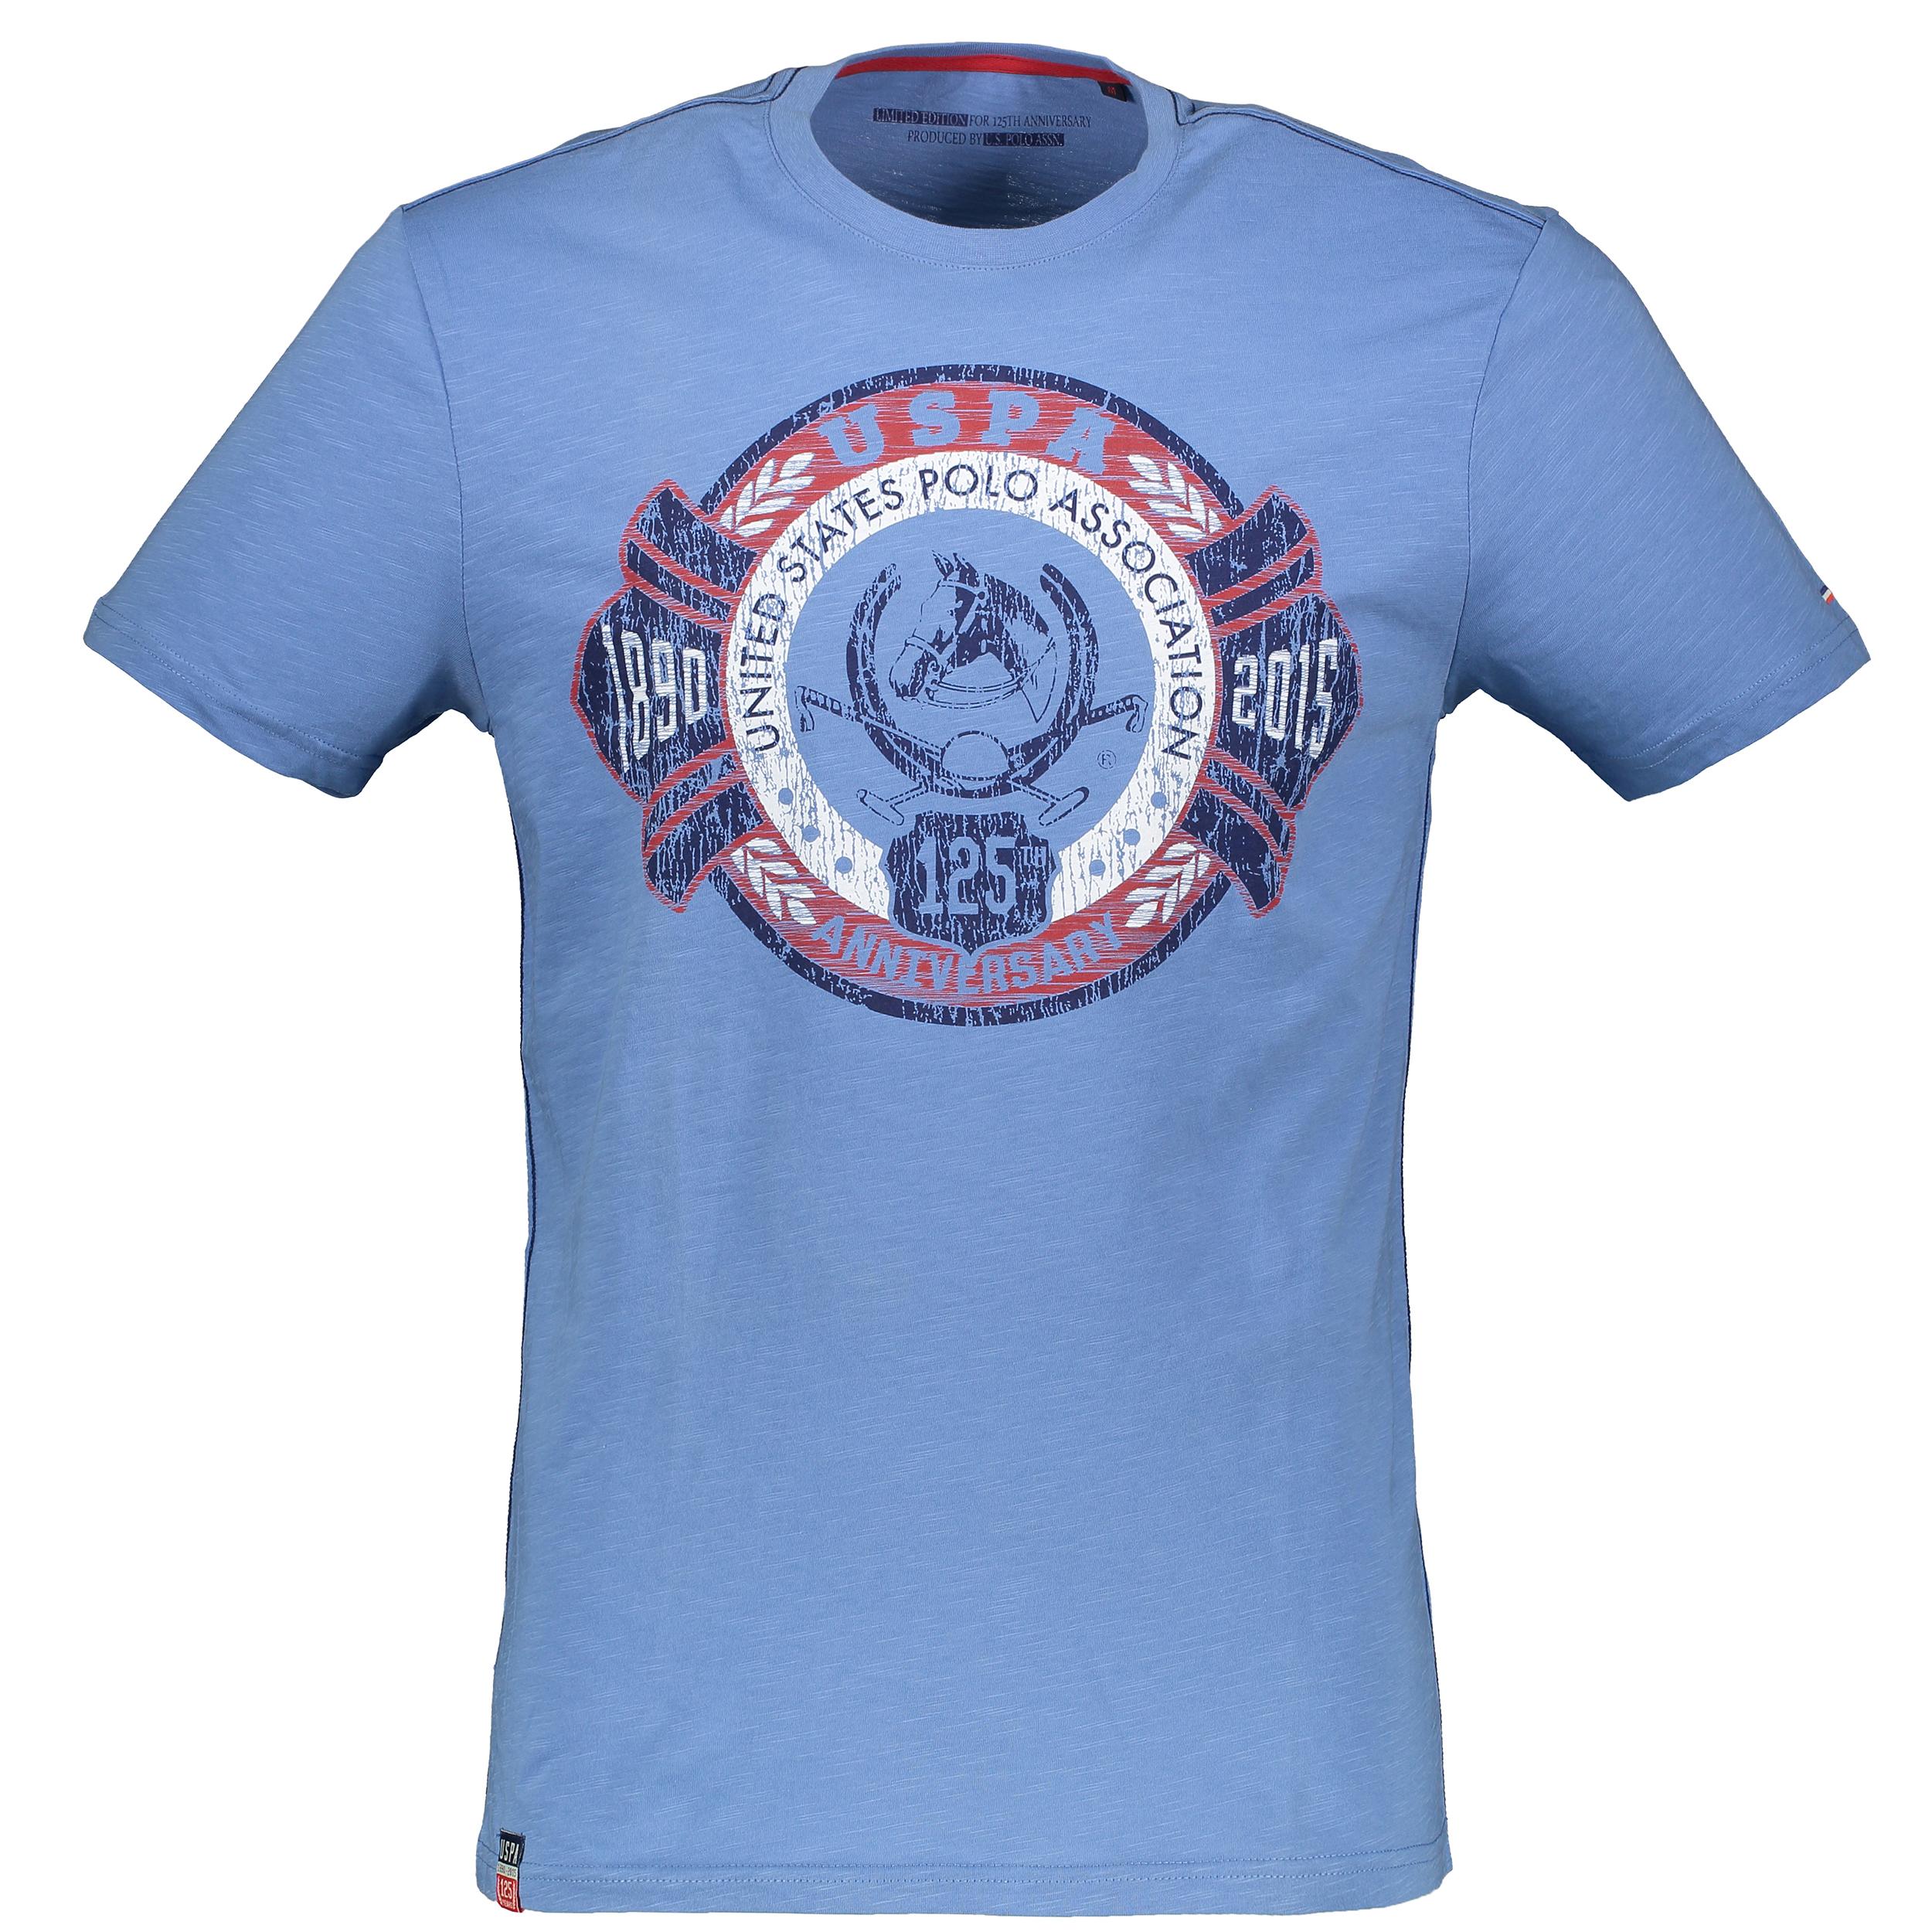 تی شرت آستین کوتاه مردانه یو اس پولو مدل 081106